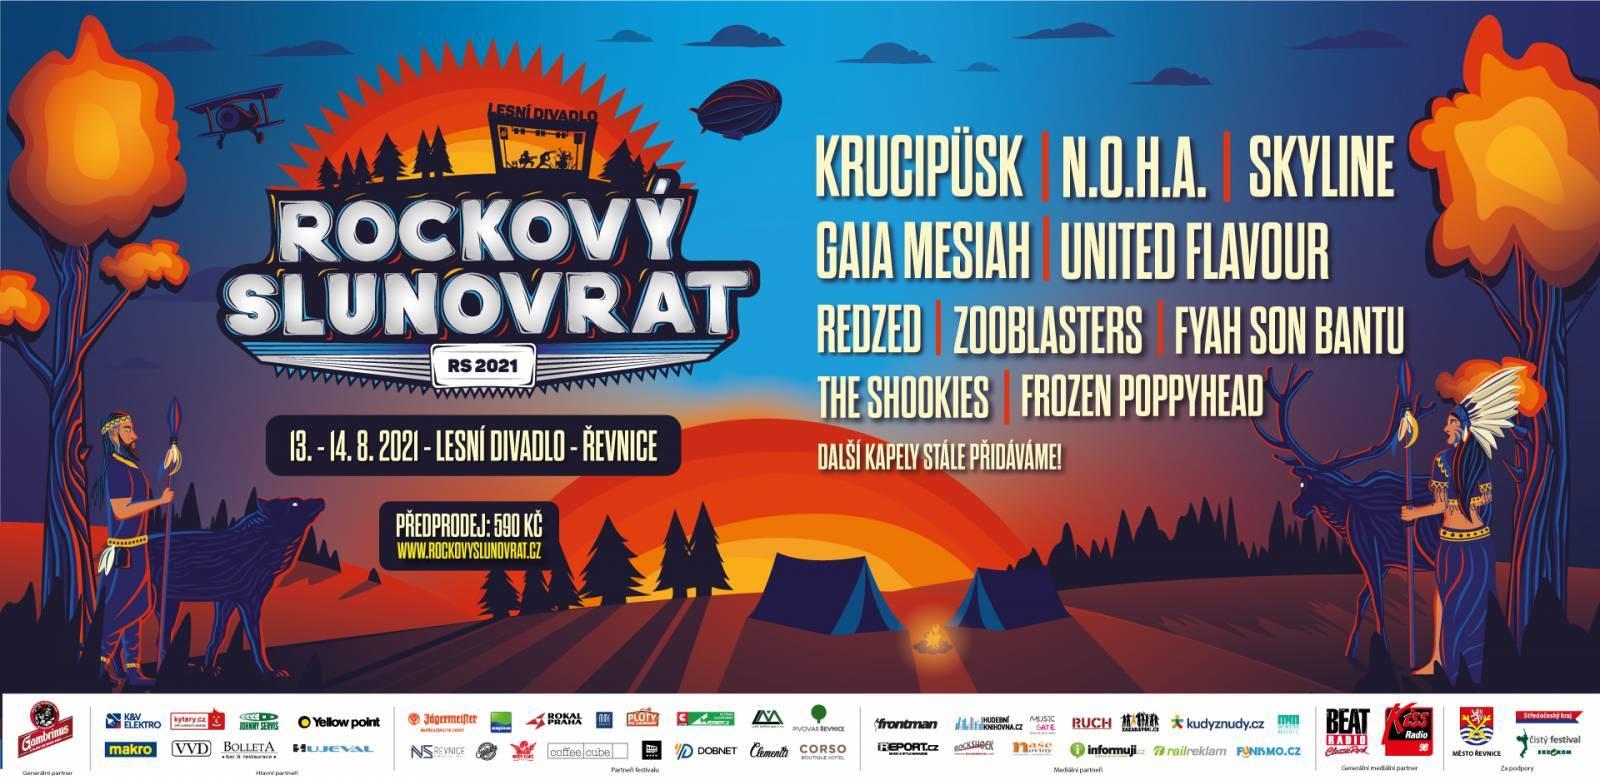 Rockový Slunovrat se opírá o české klubovky, přivítá United Flavour, Skyline, Krucipüsk nebo Gaiu Mesiah